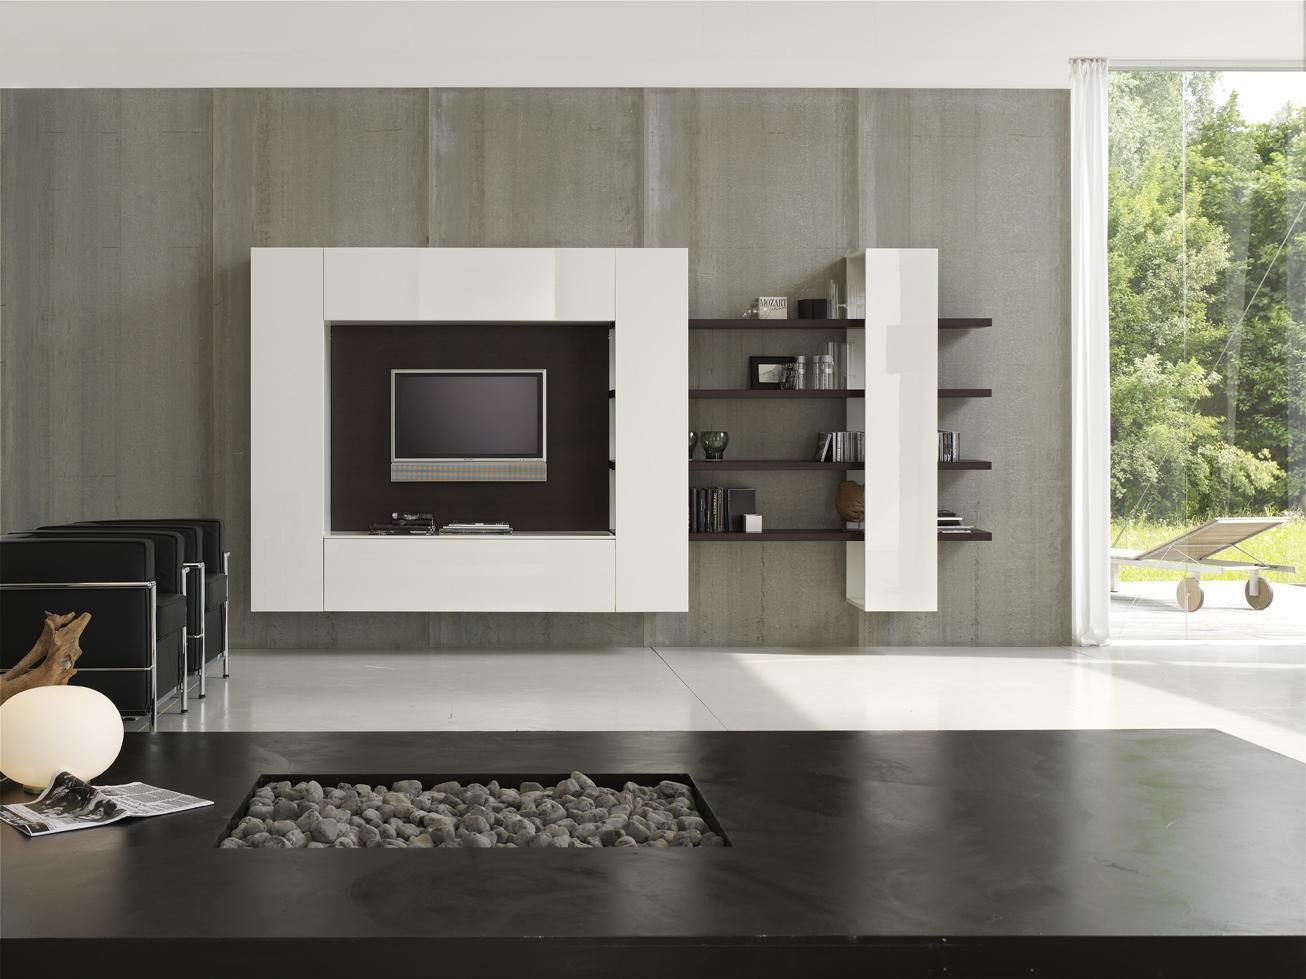 marcando a diferença pela qualidade e design dos seus produtos #7D8249 1306 979